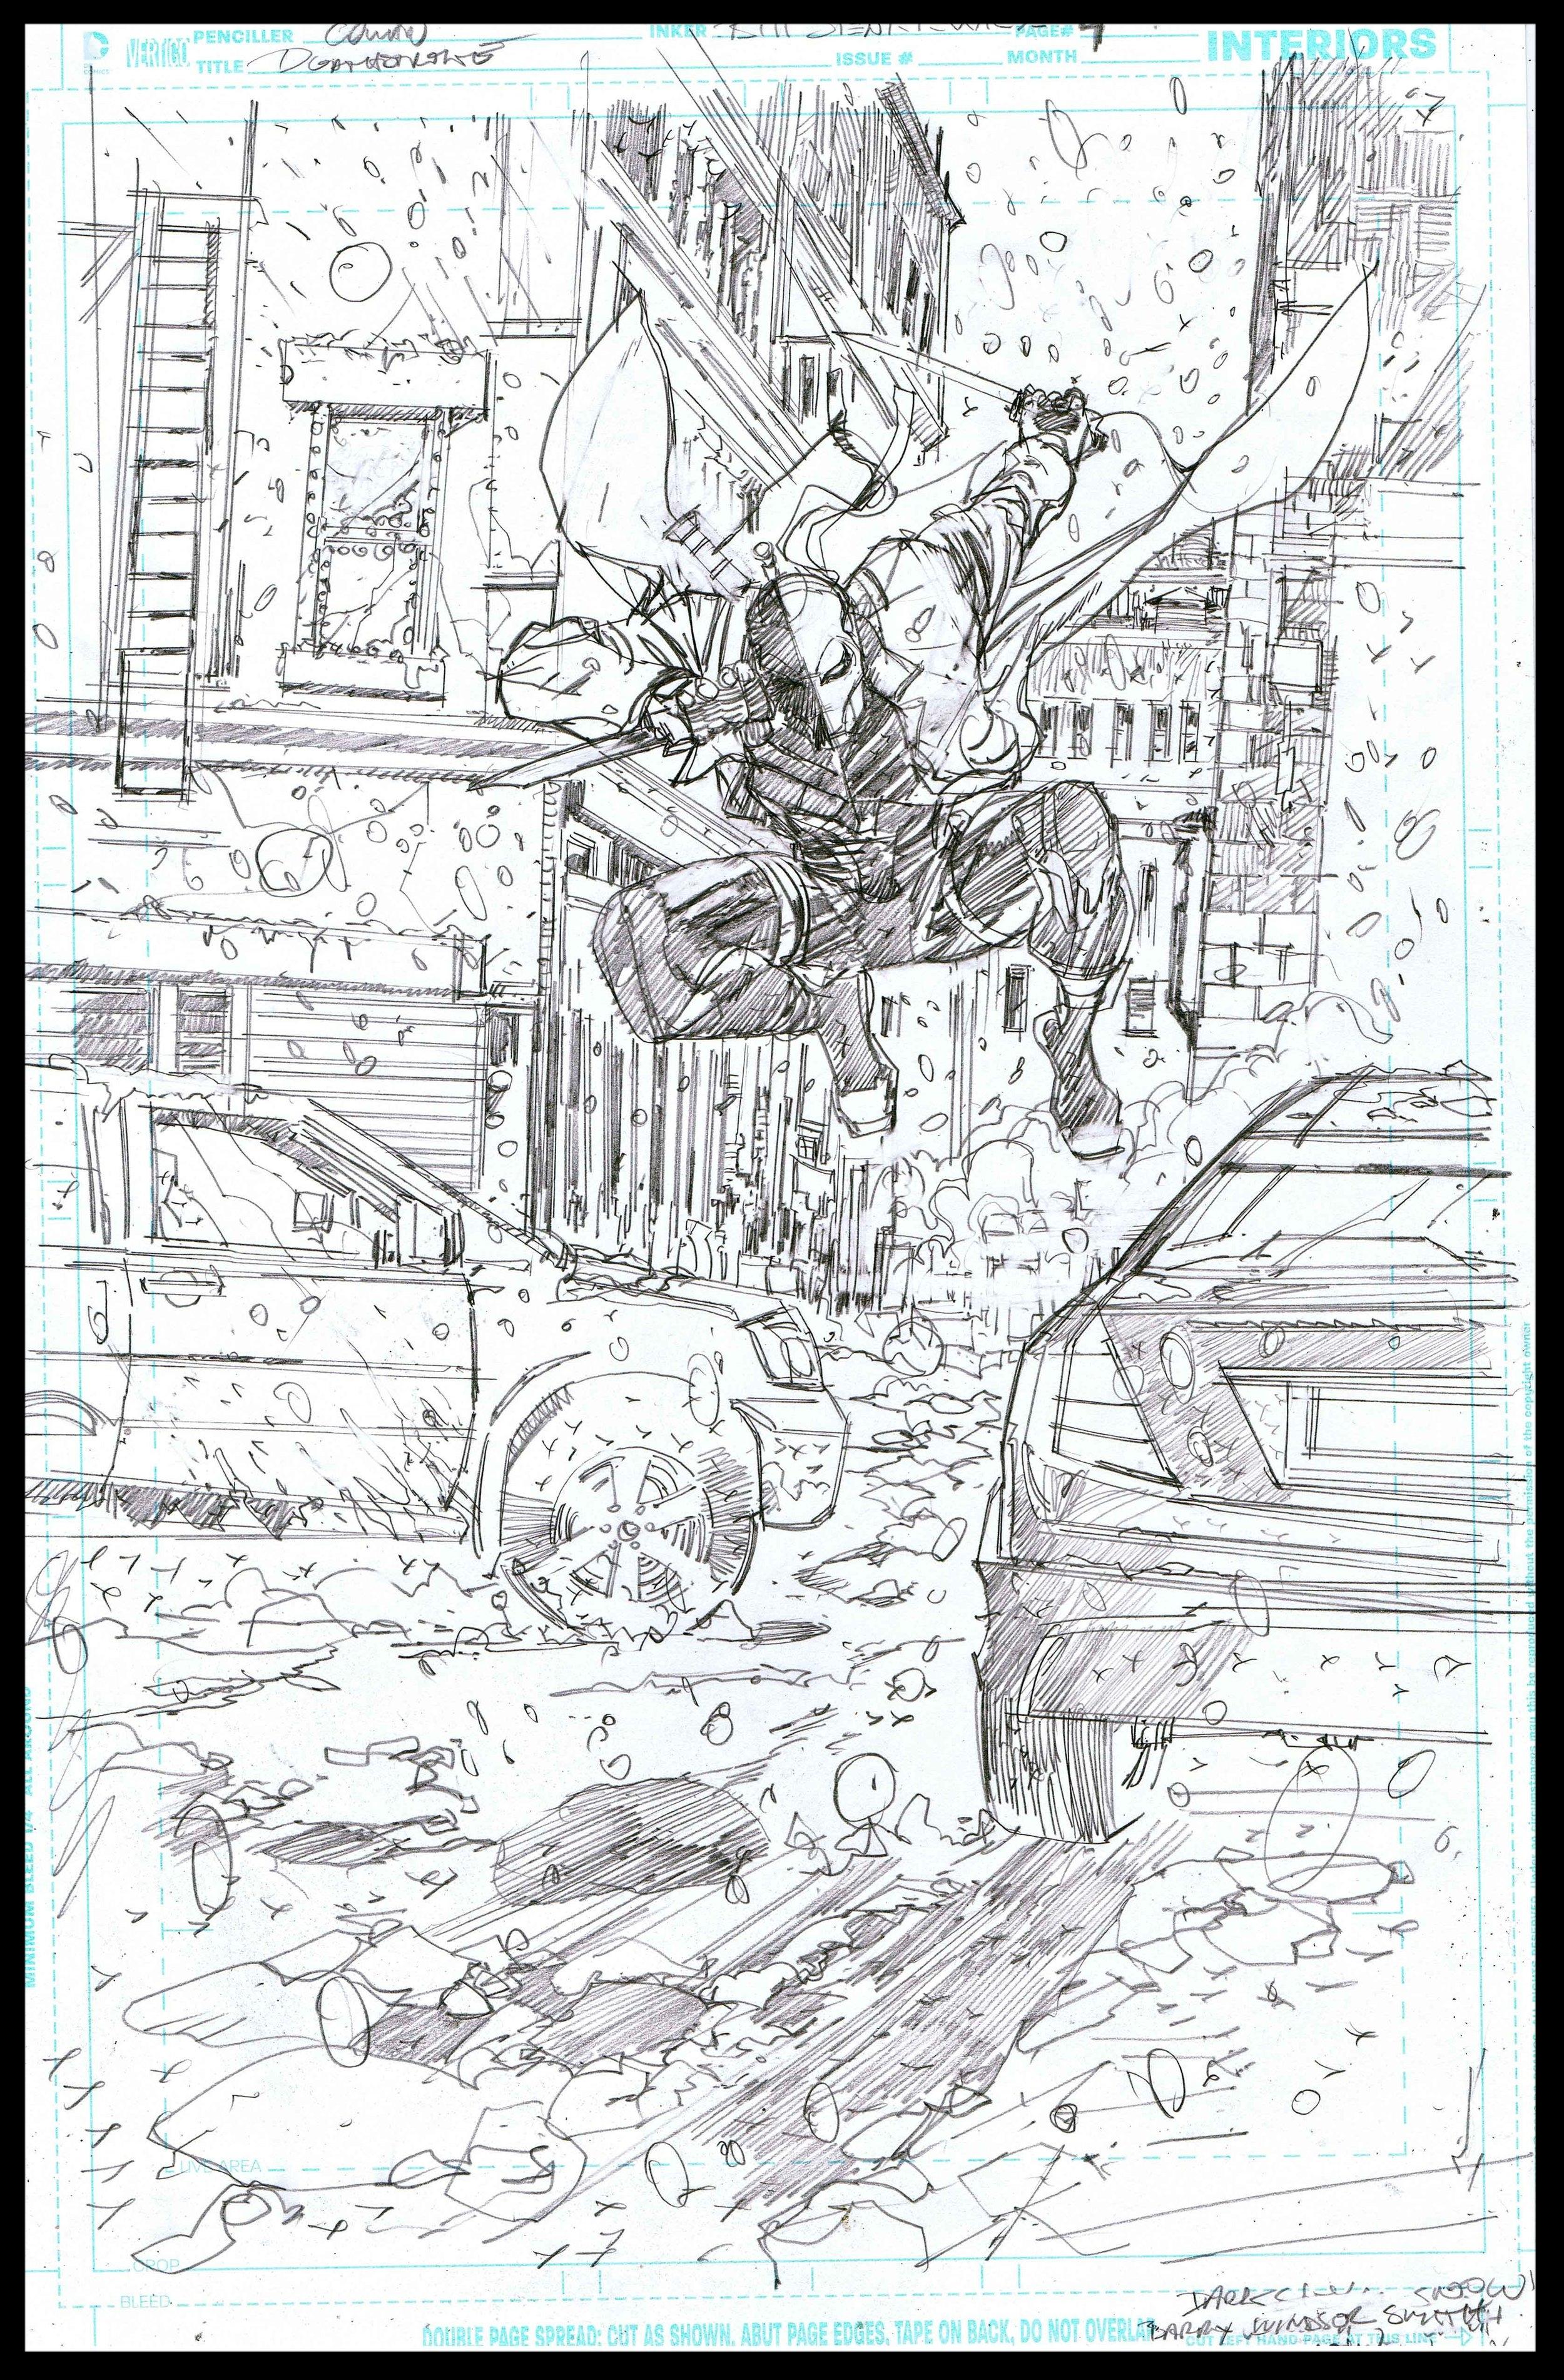 Deathstroke #11 - Page 4 - Pencils